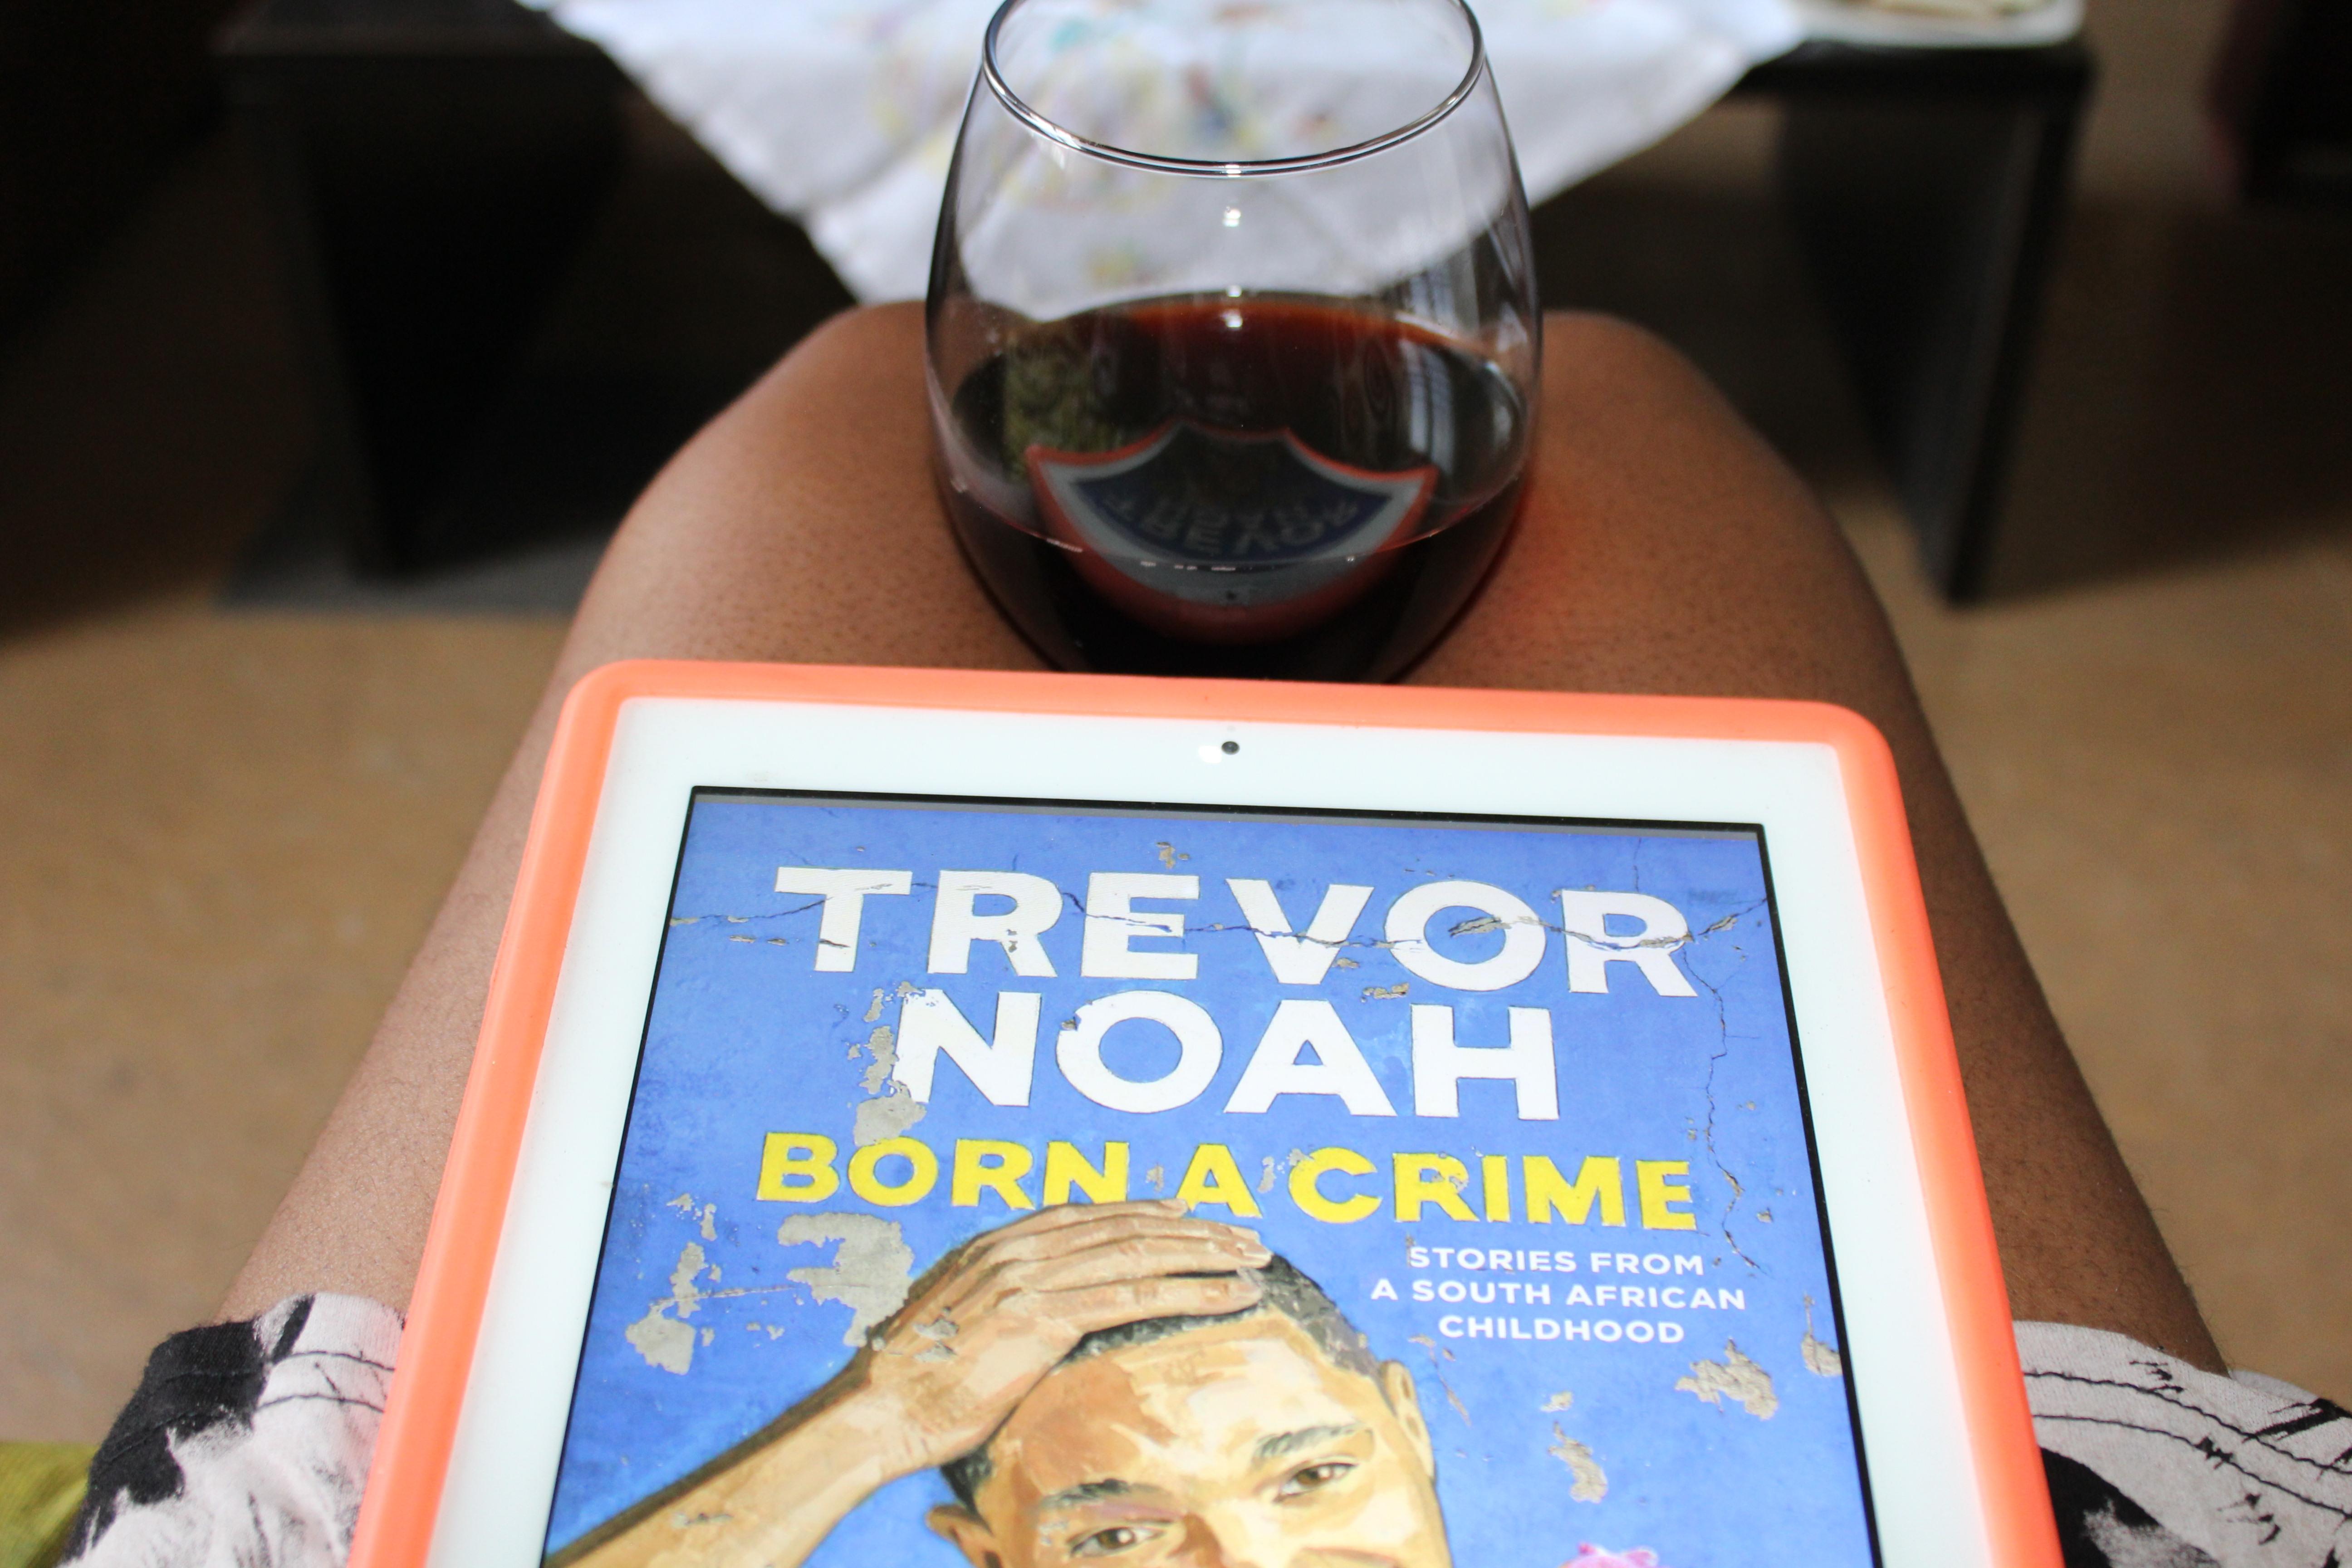 Born a crime trevor noah (14)